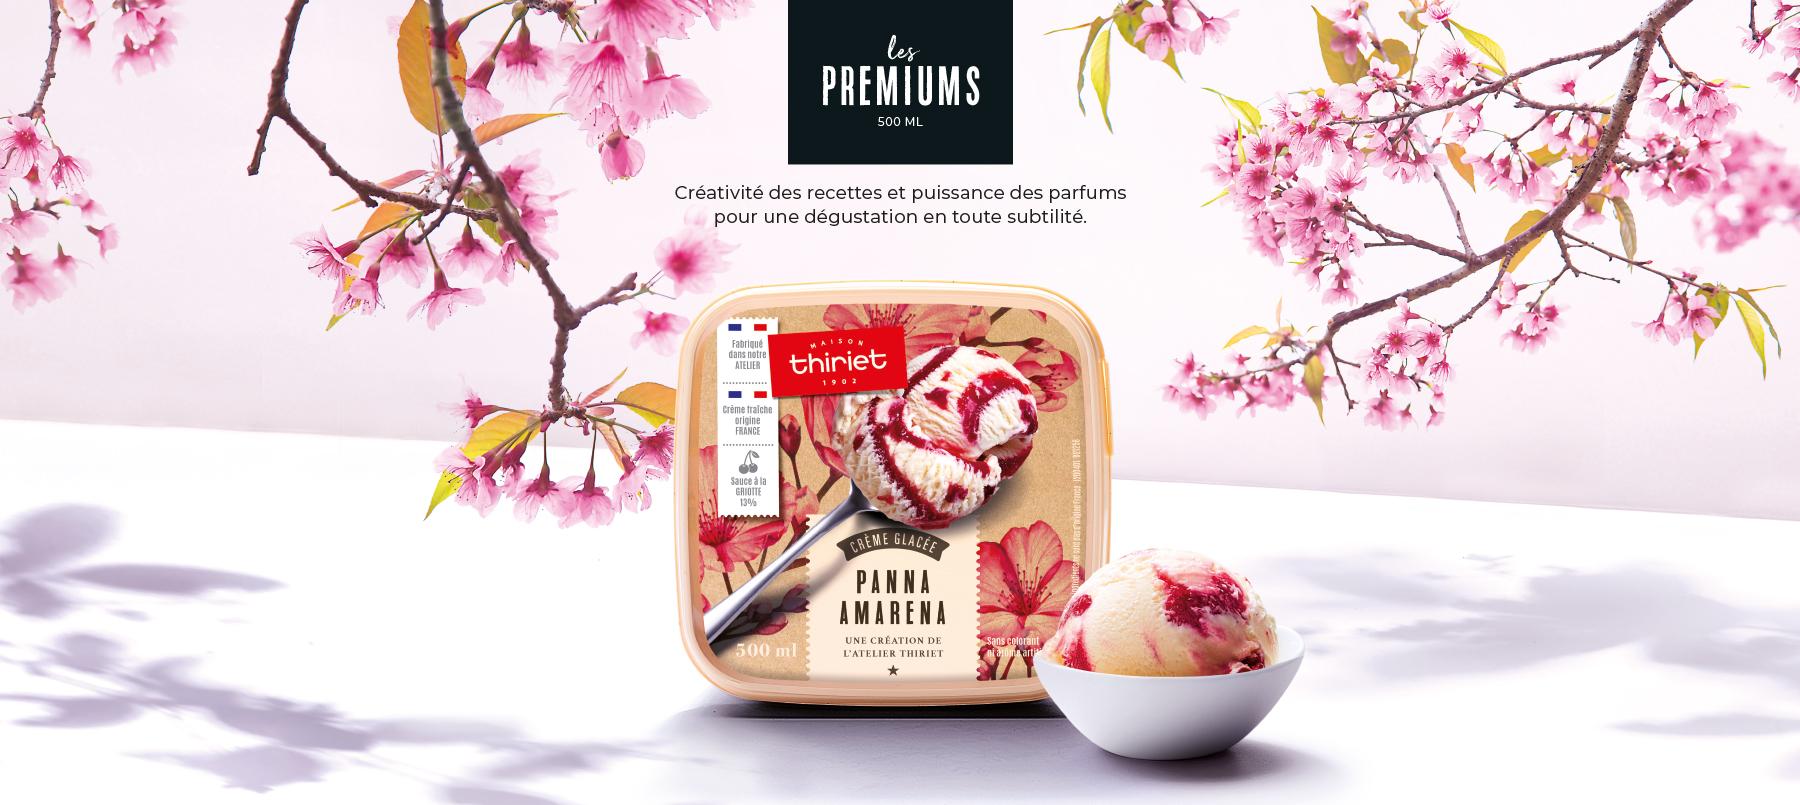 Créativité et puissance des recettes des glaces Premiums de la Maison Thiriet